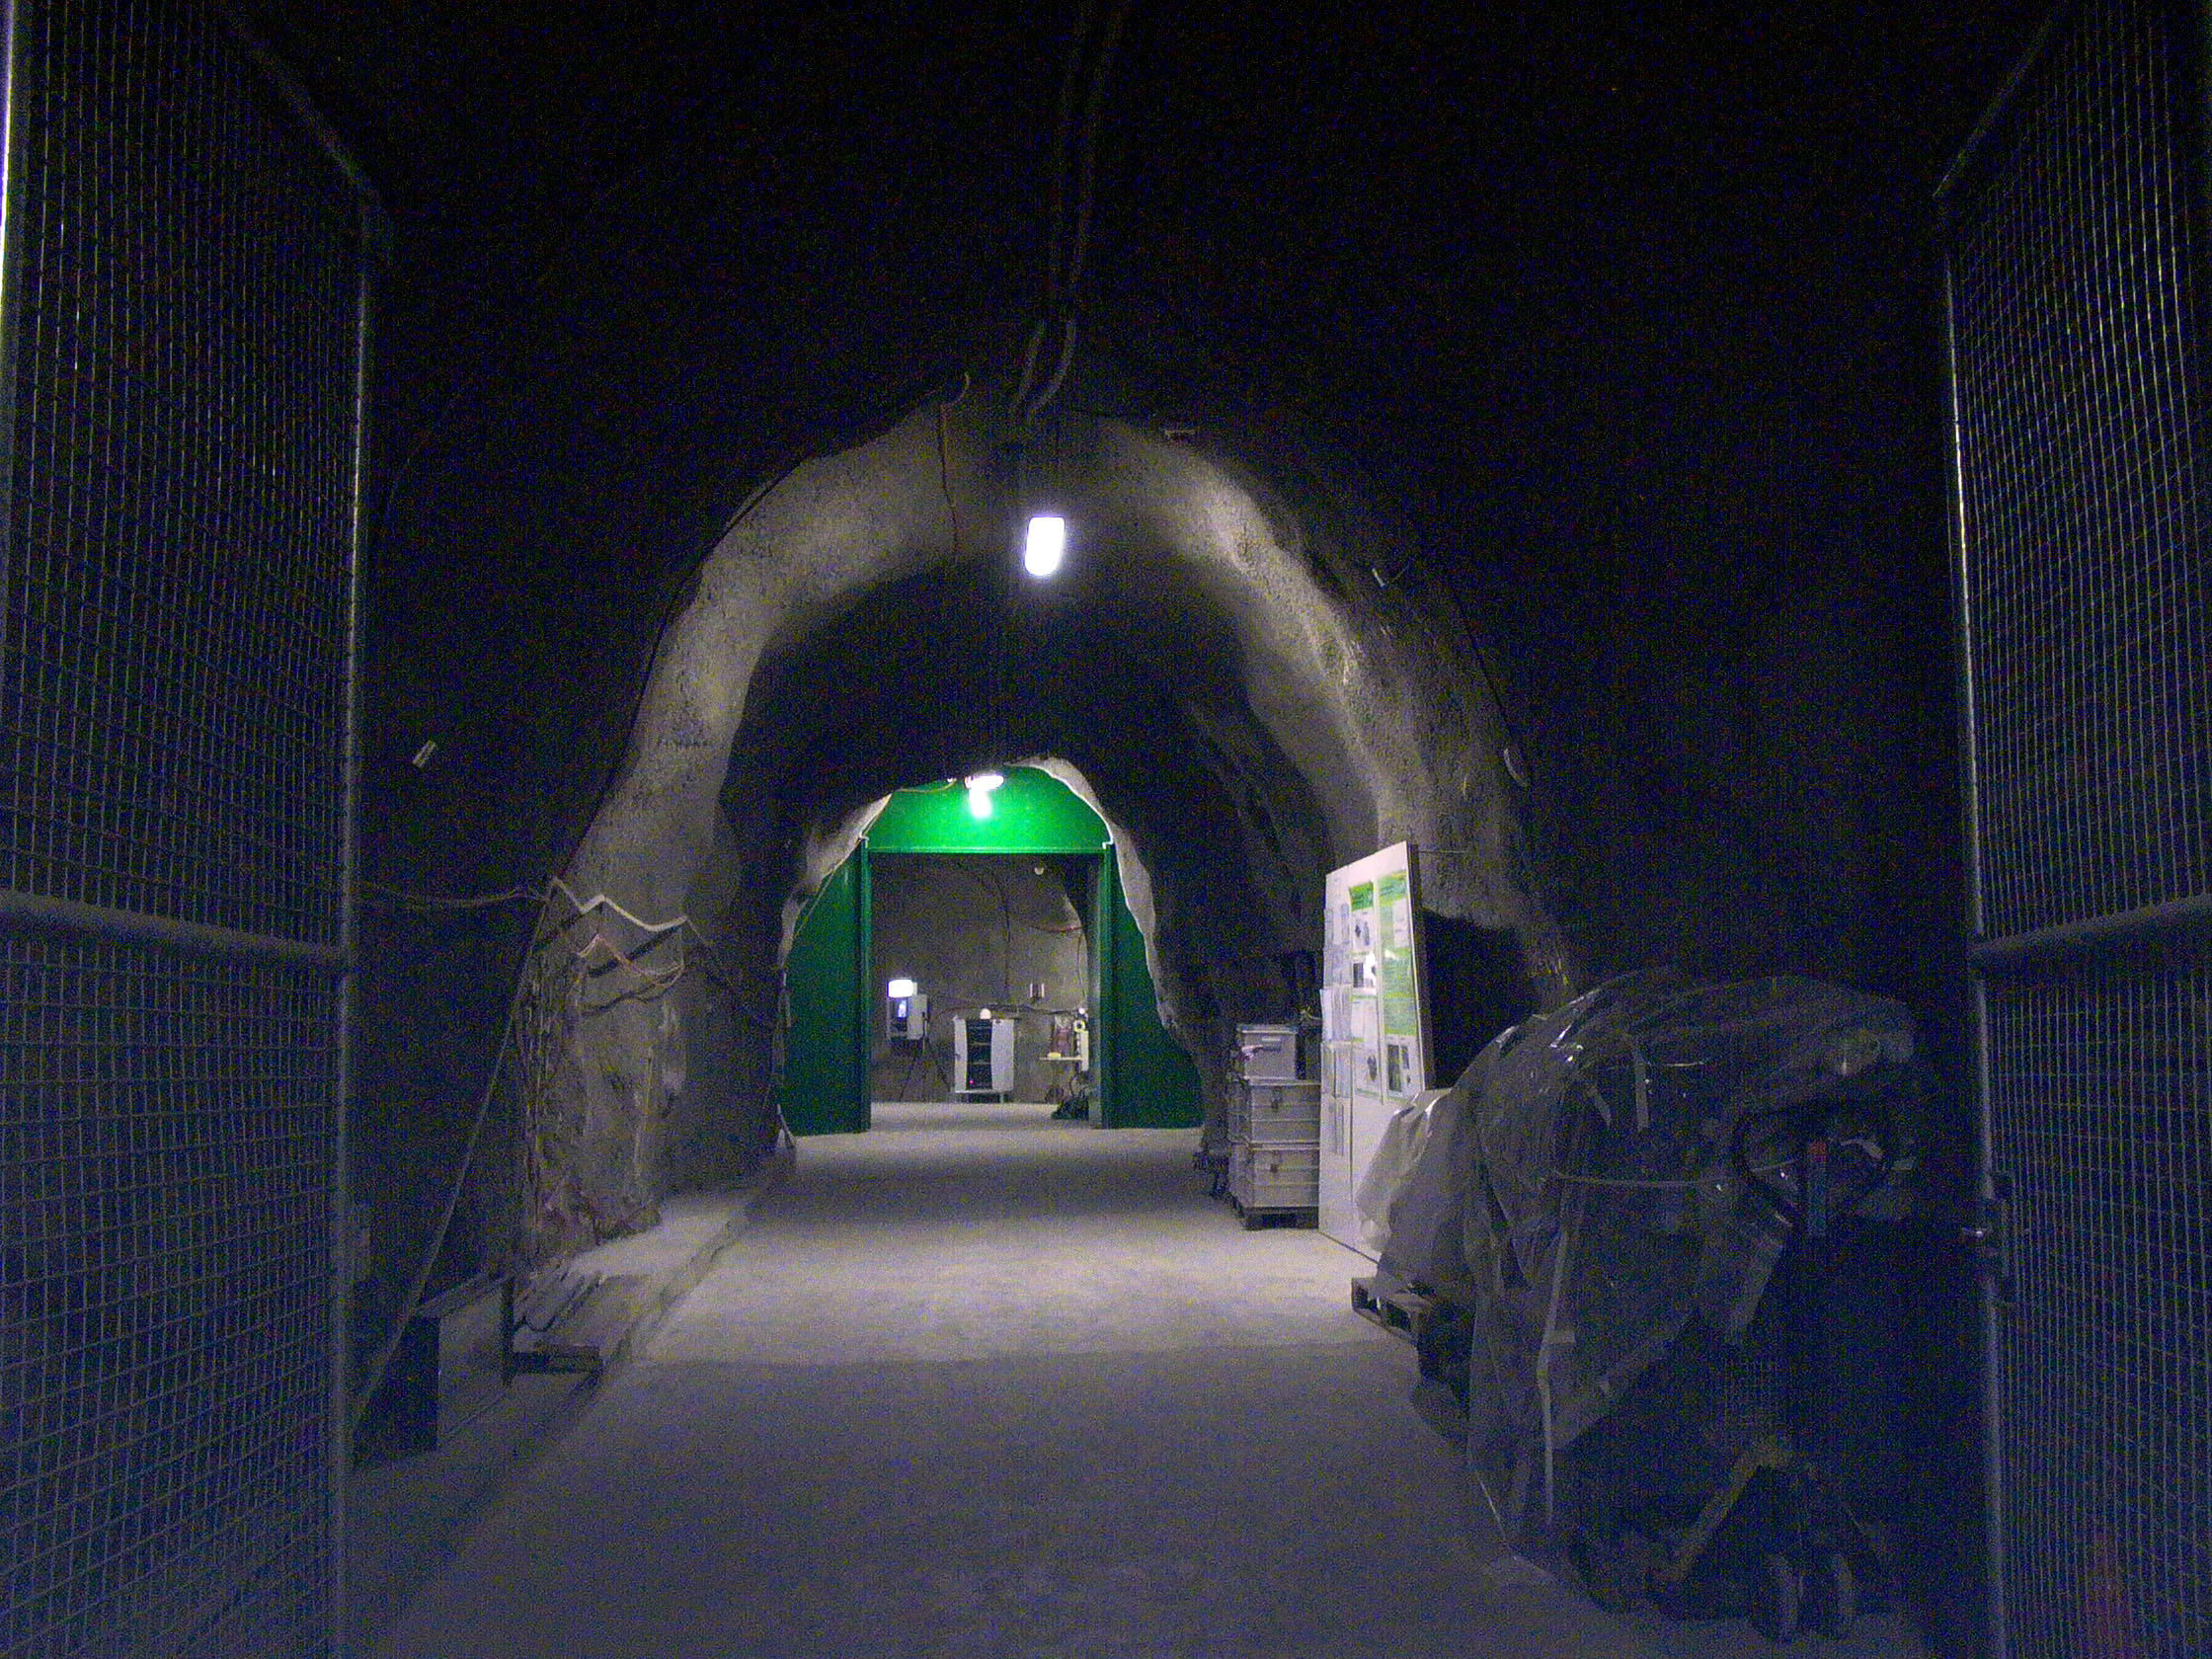 مختبر تحت أرضي في مونت تيري (Mont Terri) بسانت أورسان (St Ursanne)، كانتون الجورا.